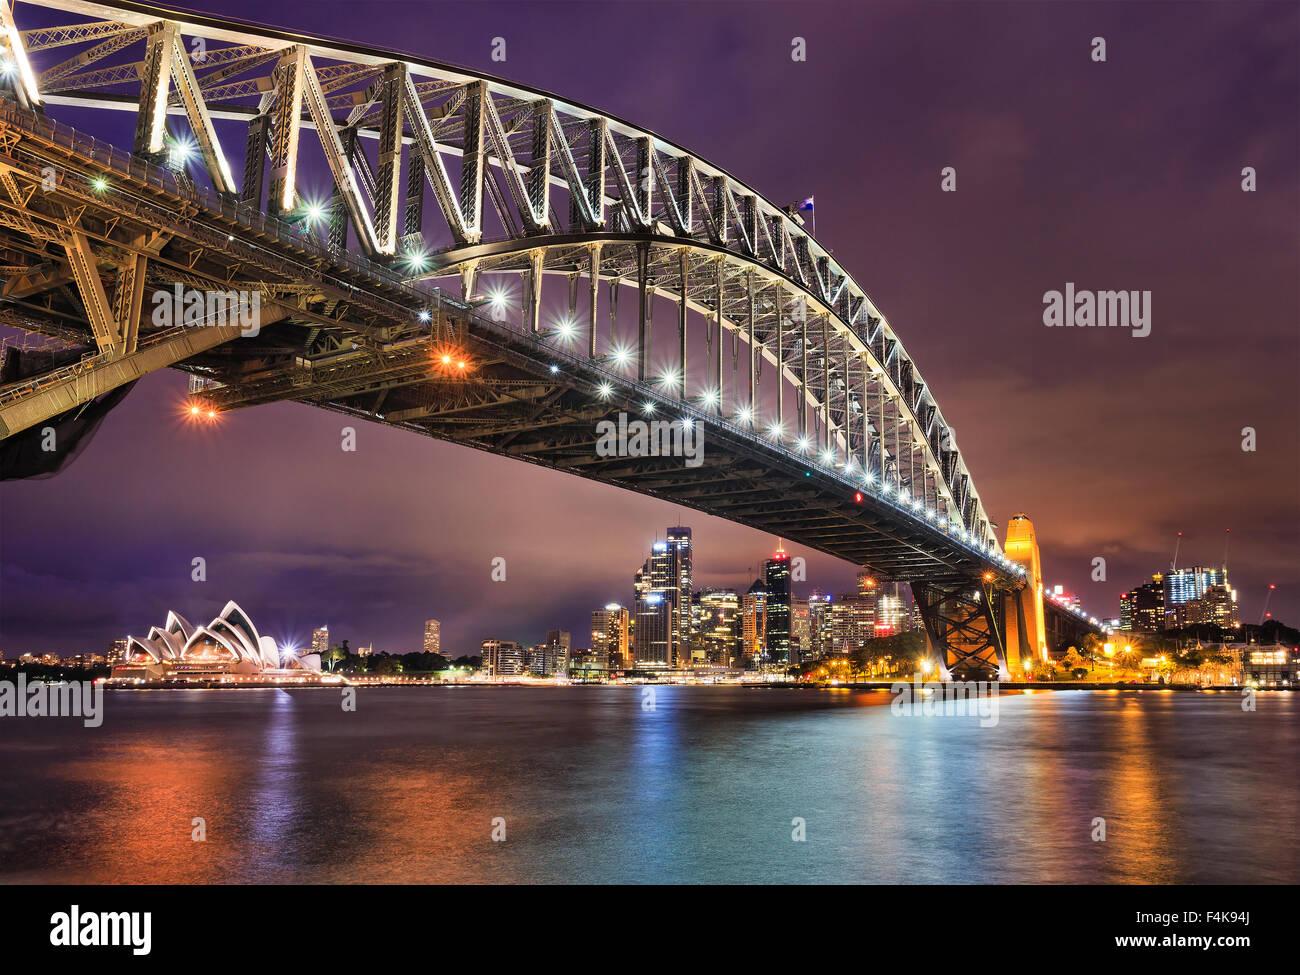 Ostseite der Sydney Harbour Bridge bei Sonnenuntergang mit heller Beleuchtung der Stahlbogen und Spalten in den Stockbild